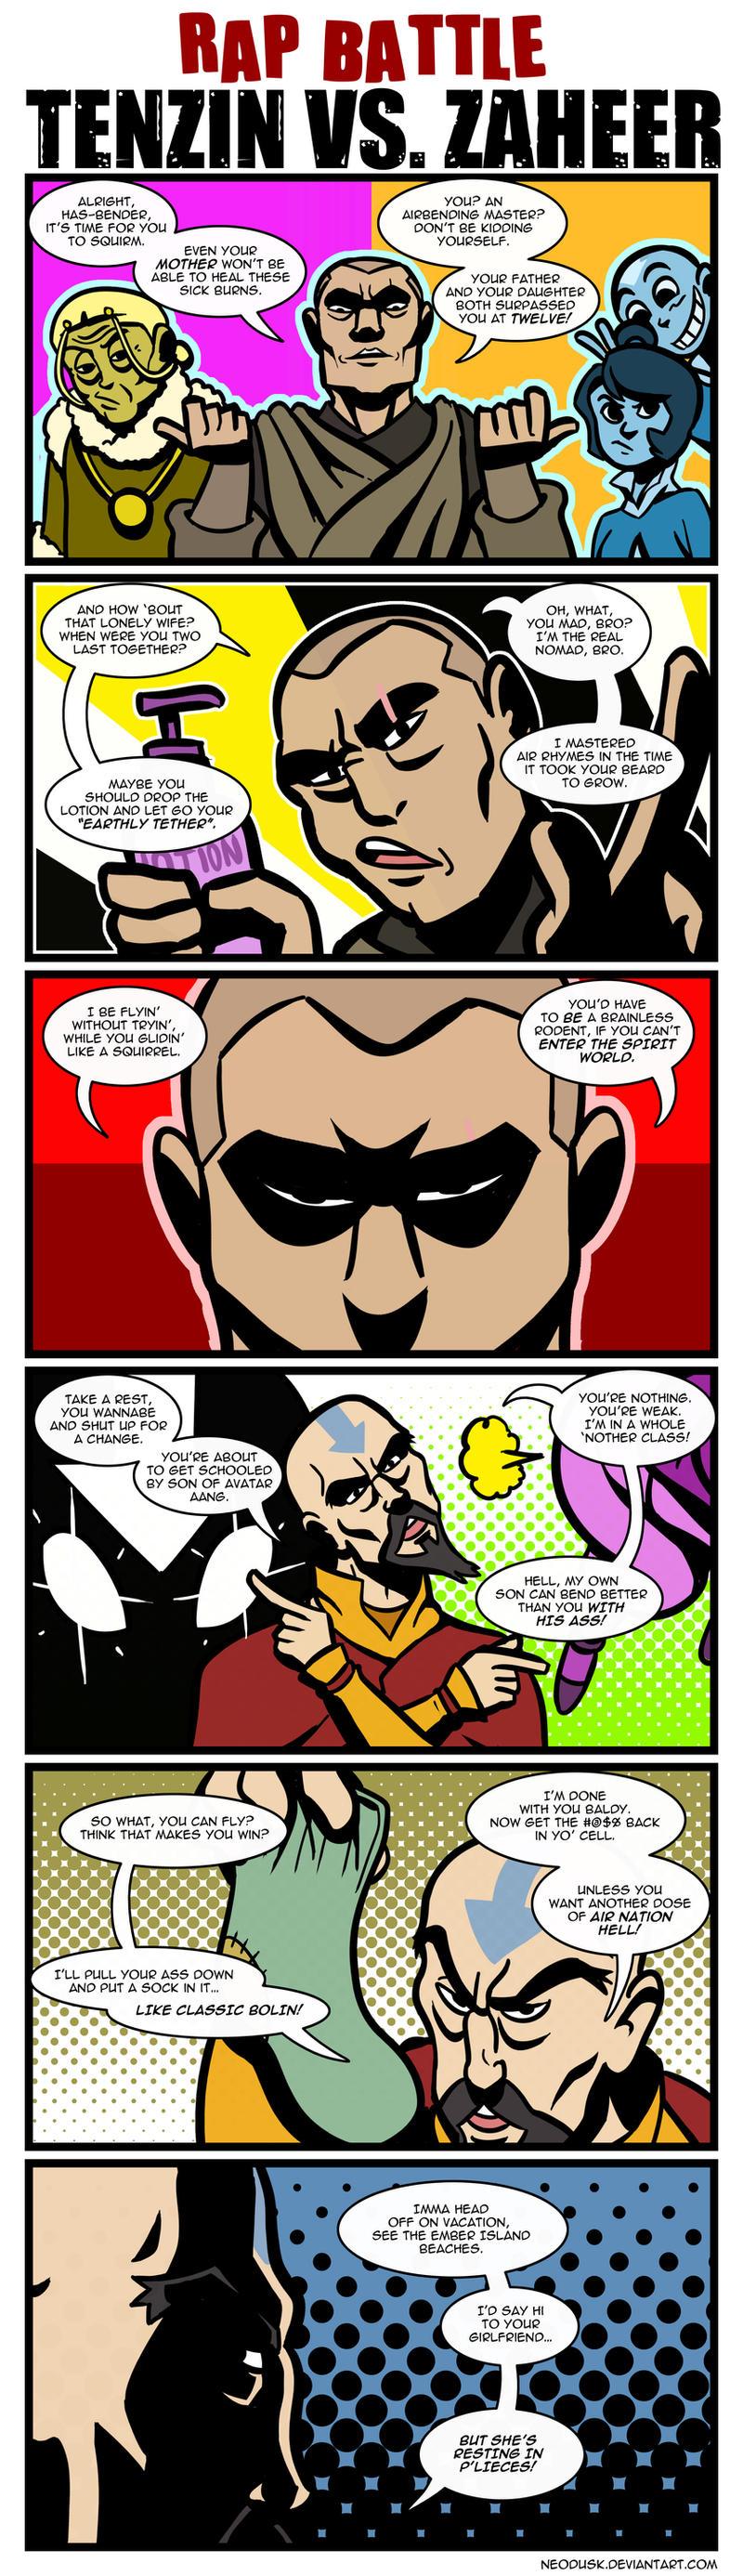 LoK Rap Battle: Tenzin Vs. Zaheer by Neodusk